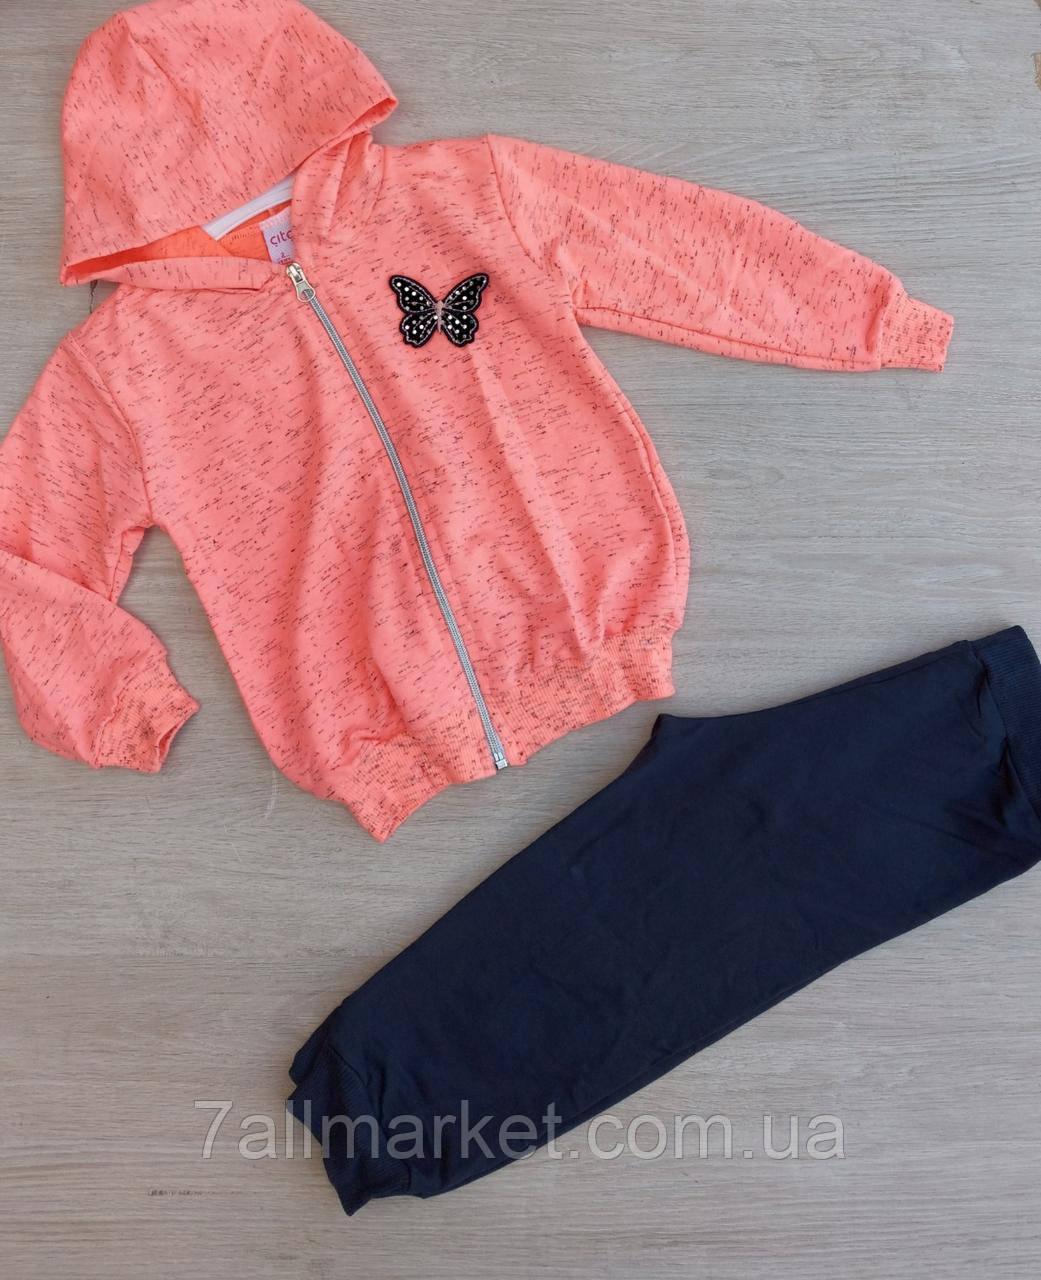 """Костюм двойка детский на молнии с капюшоном на девочку 2-5 лет (10 цв) """"MARI"""" купить оптом в Одессе на 7км"""